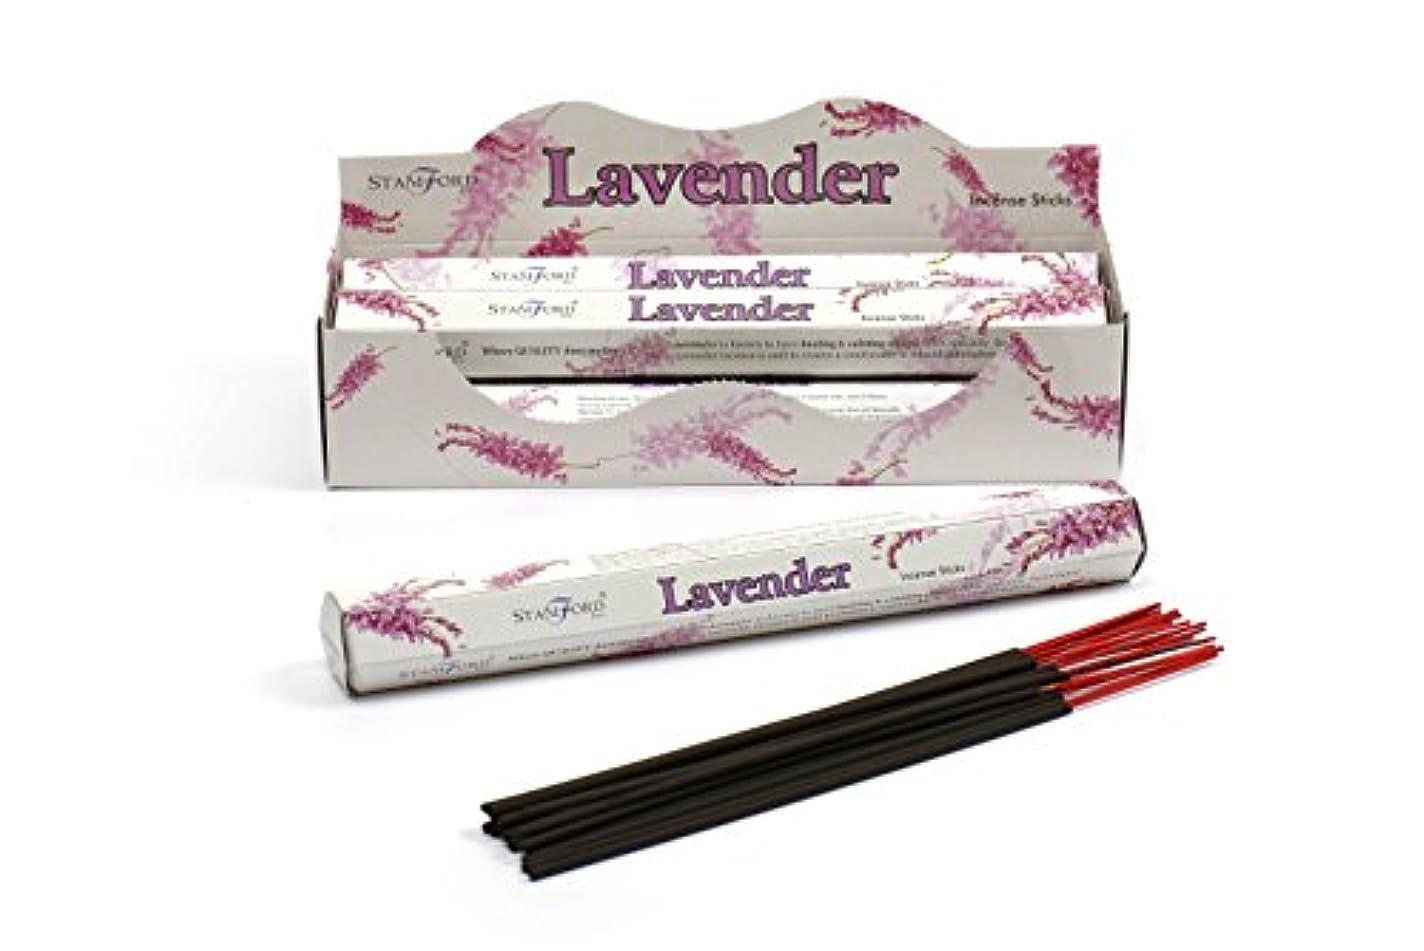 悪のニュース世紀Stamford Lavender Incense, 20 Sticks x 6 Packs by Stamford